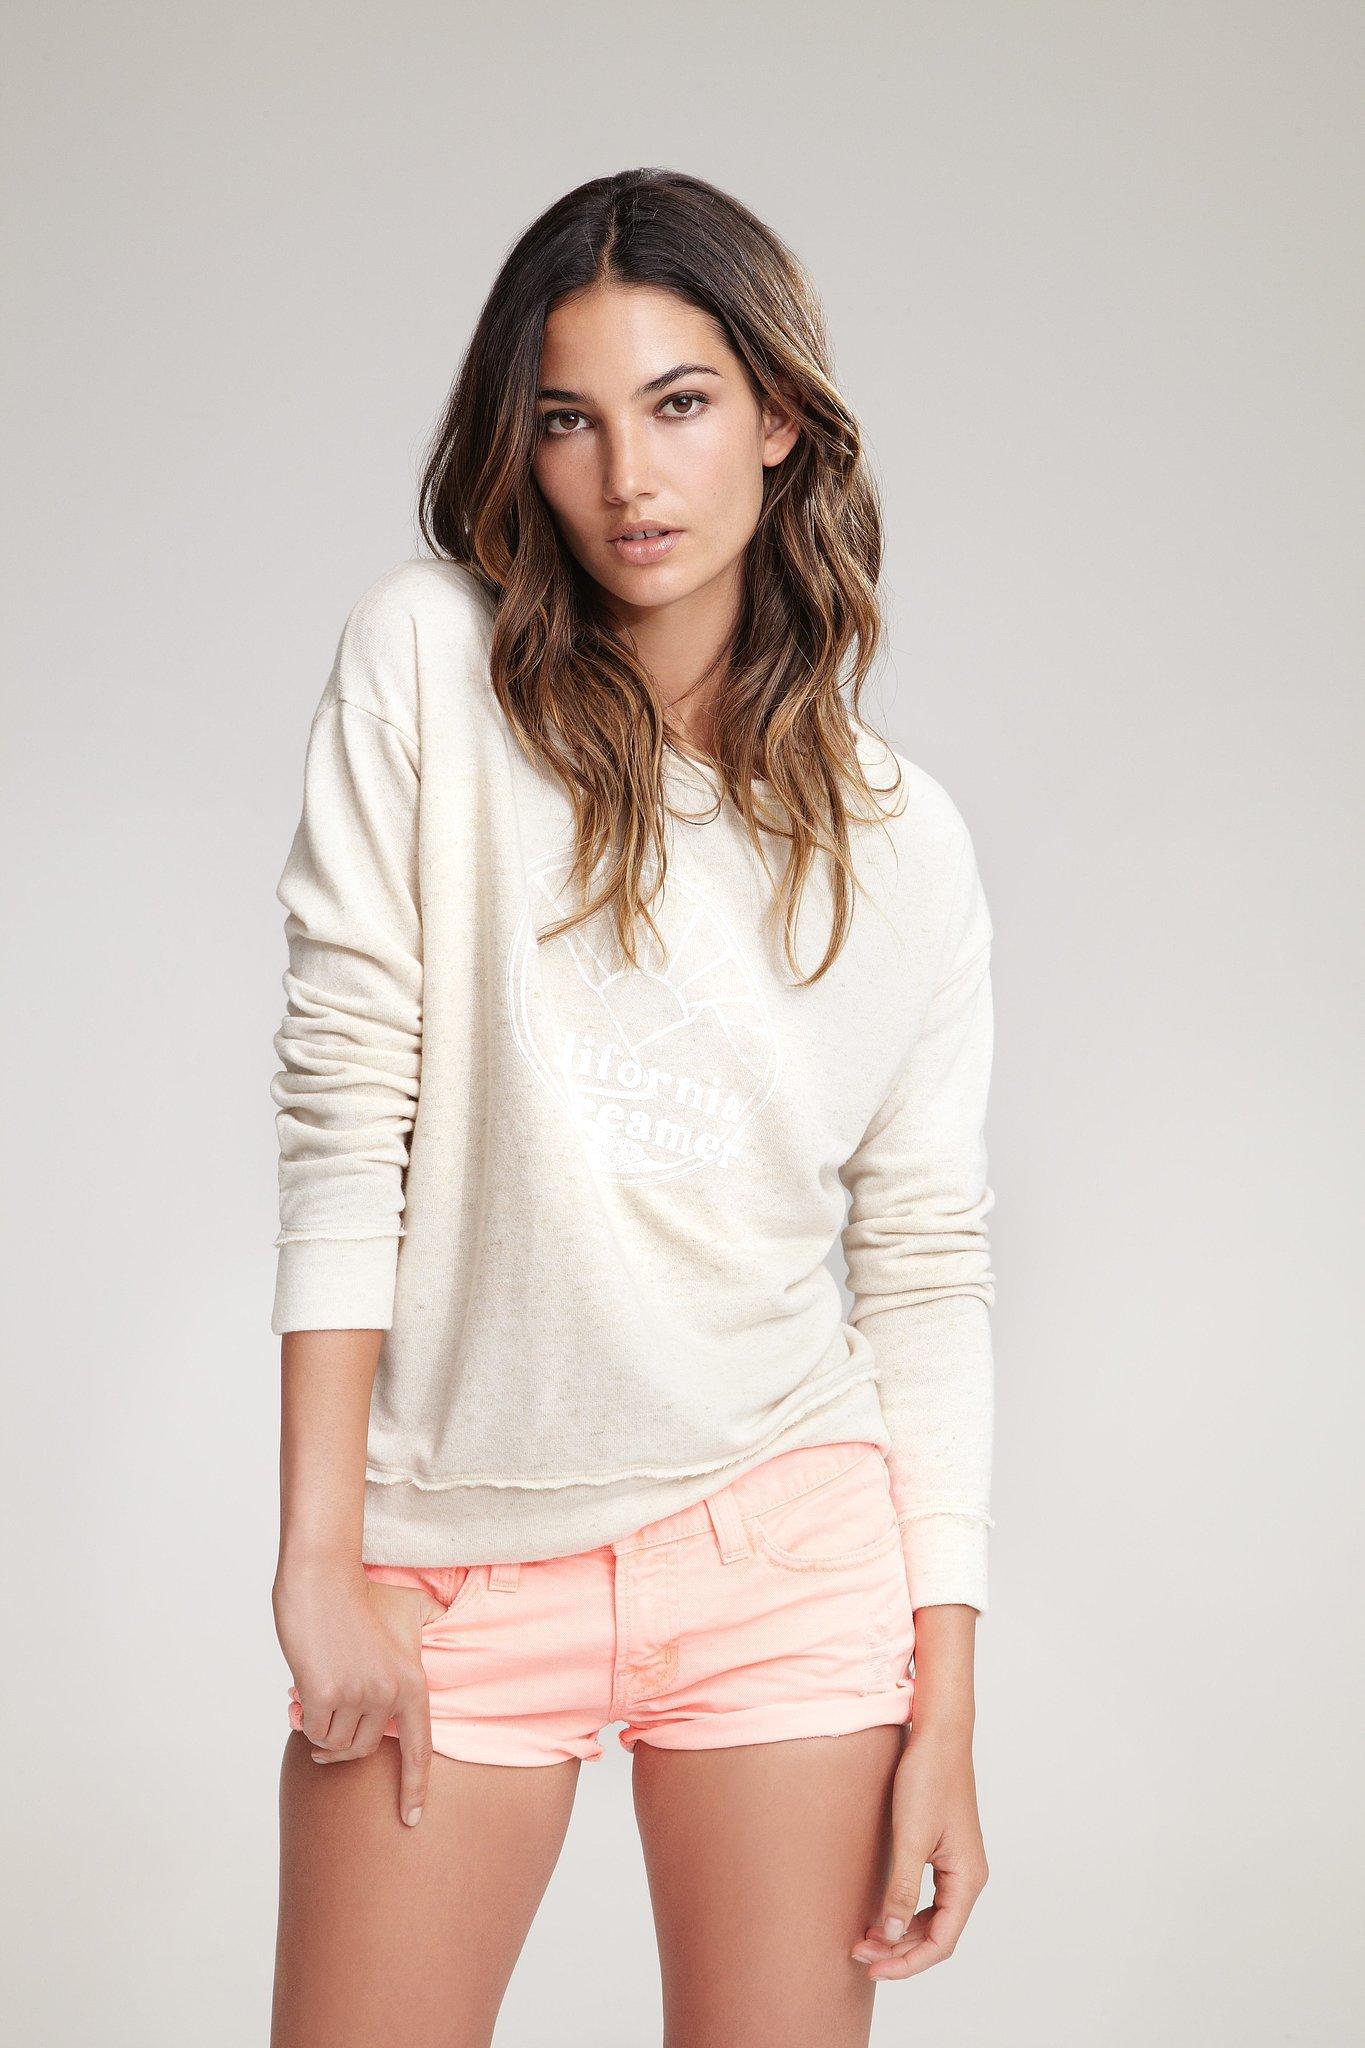 Lily Aldridge For Velvet Qiqi California Dreamer Sweatshirt ($95) Source: Courtesy of Velvet